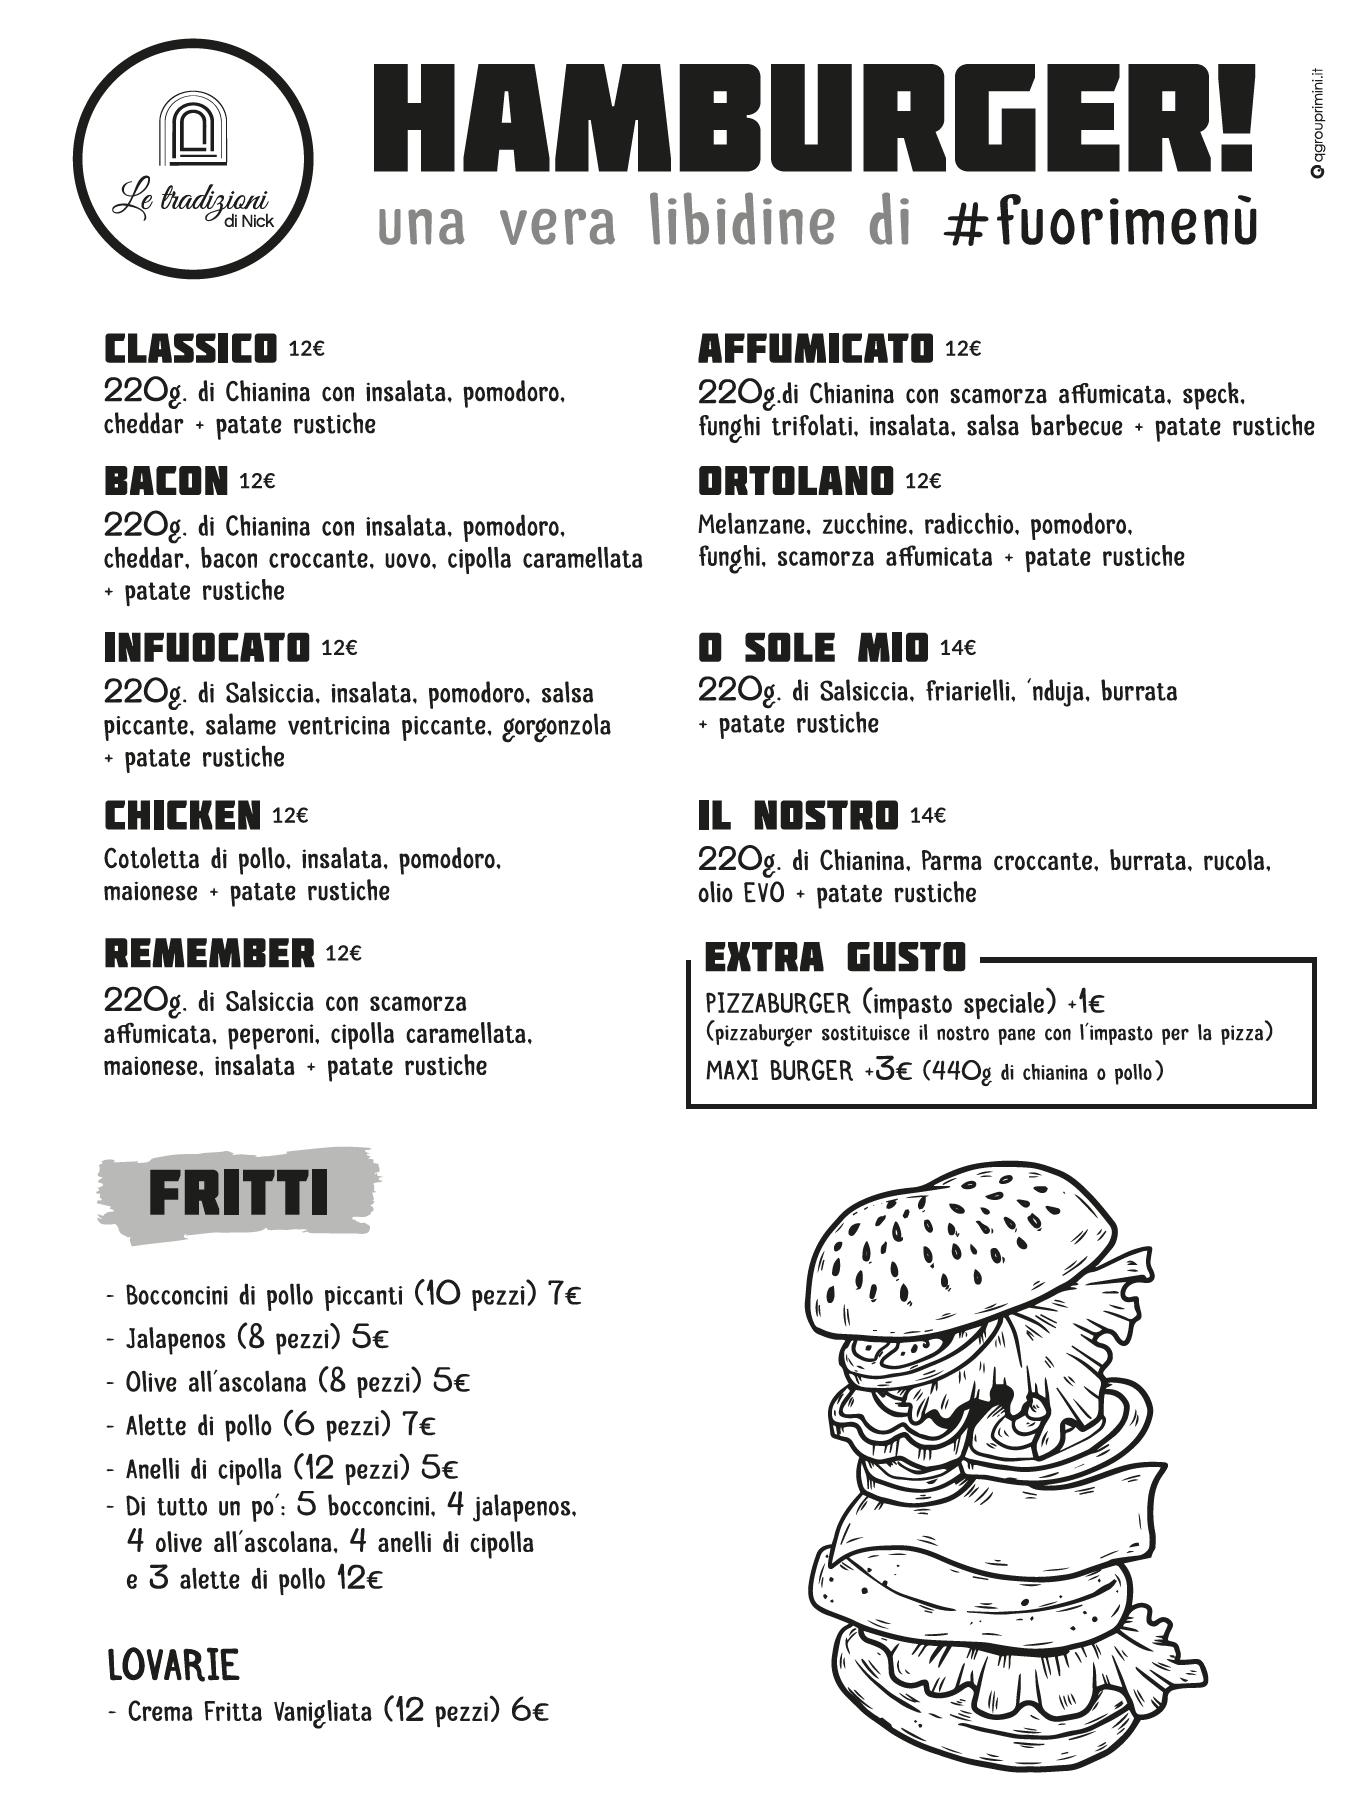 le tradizioni di nick-menu hamburger